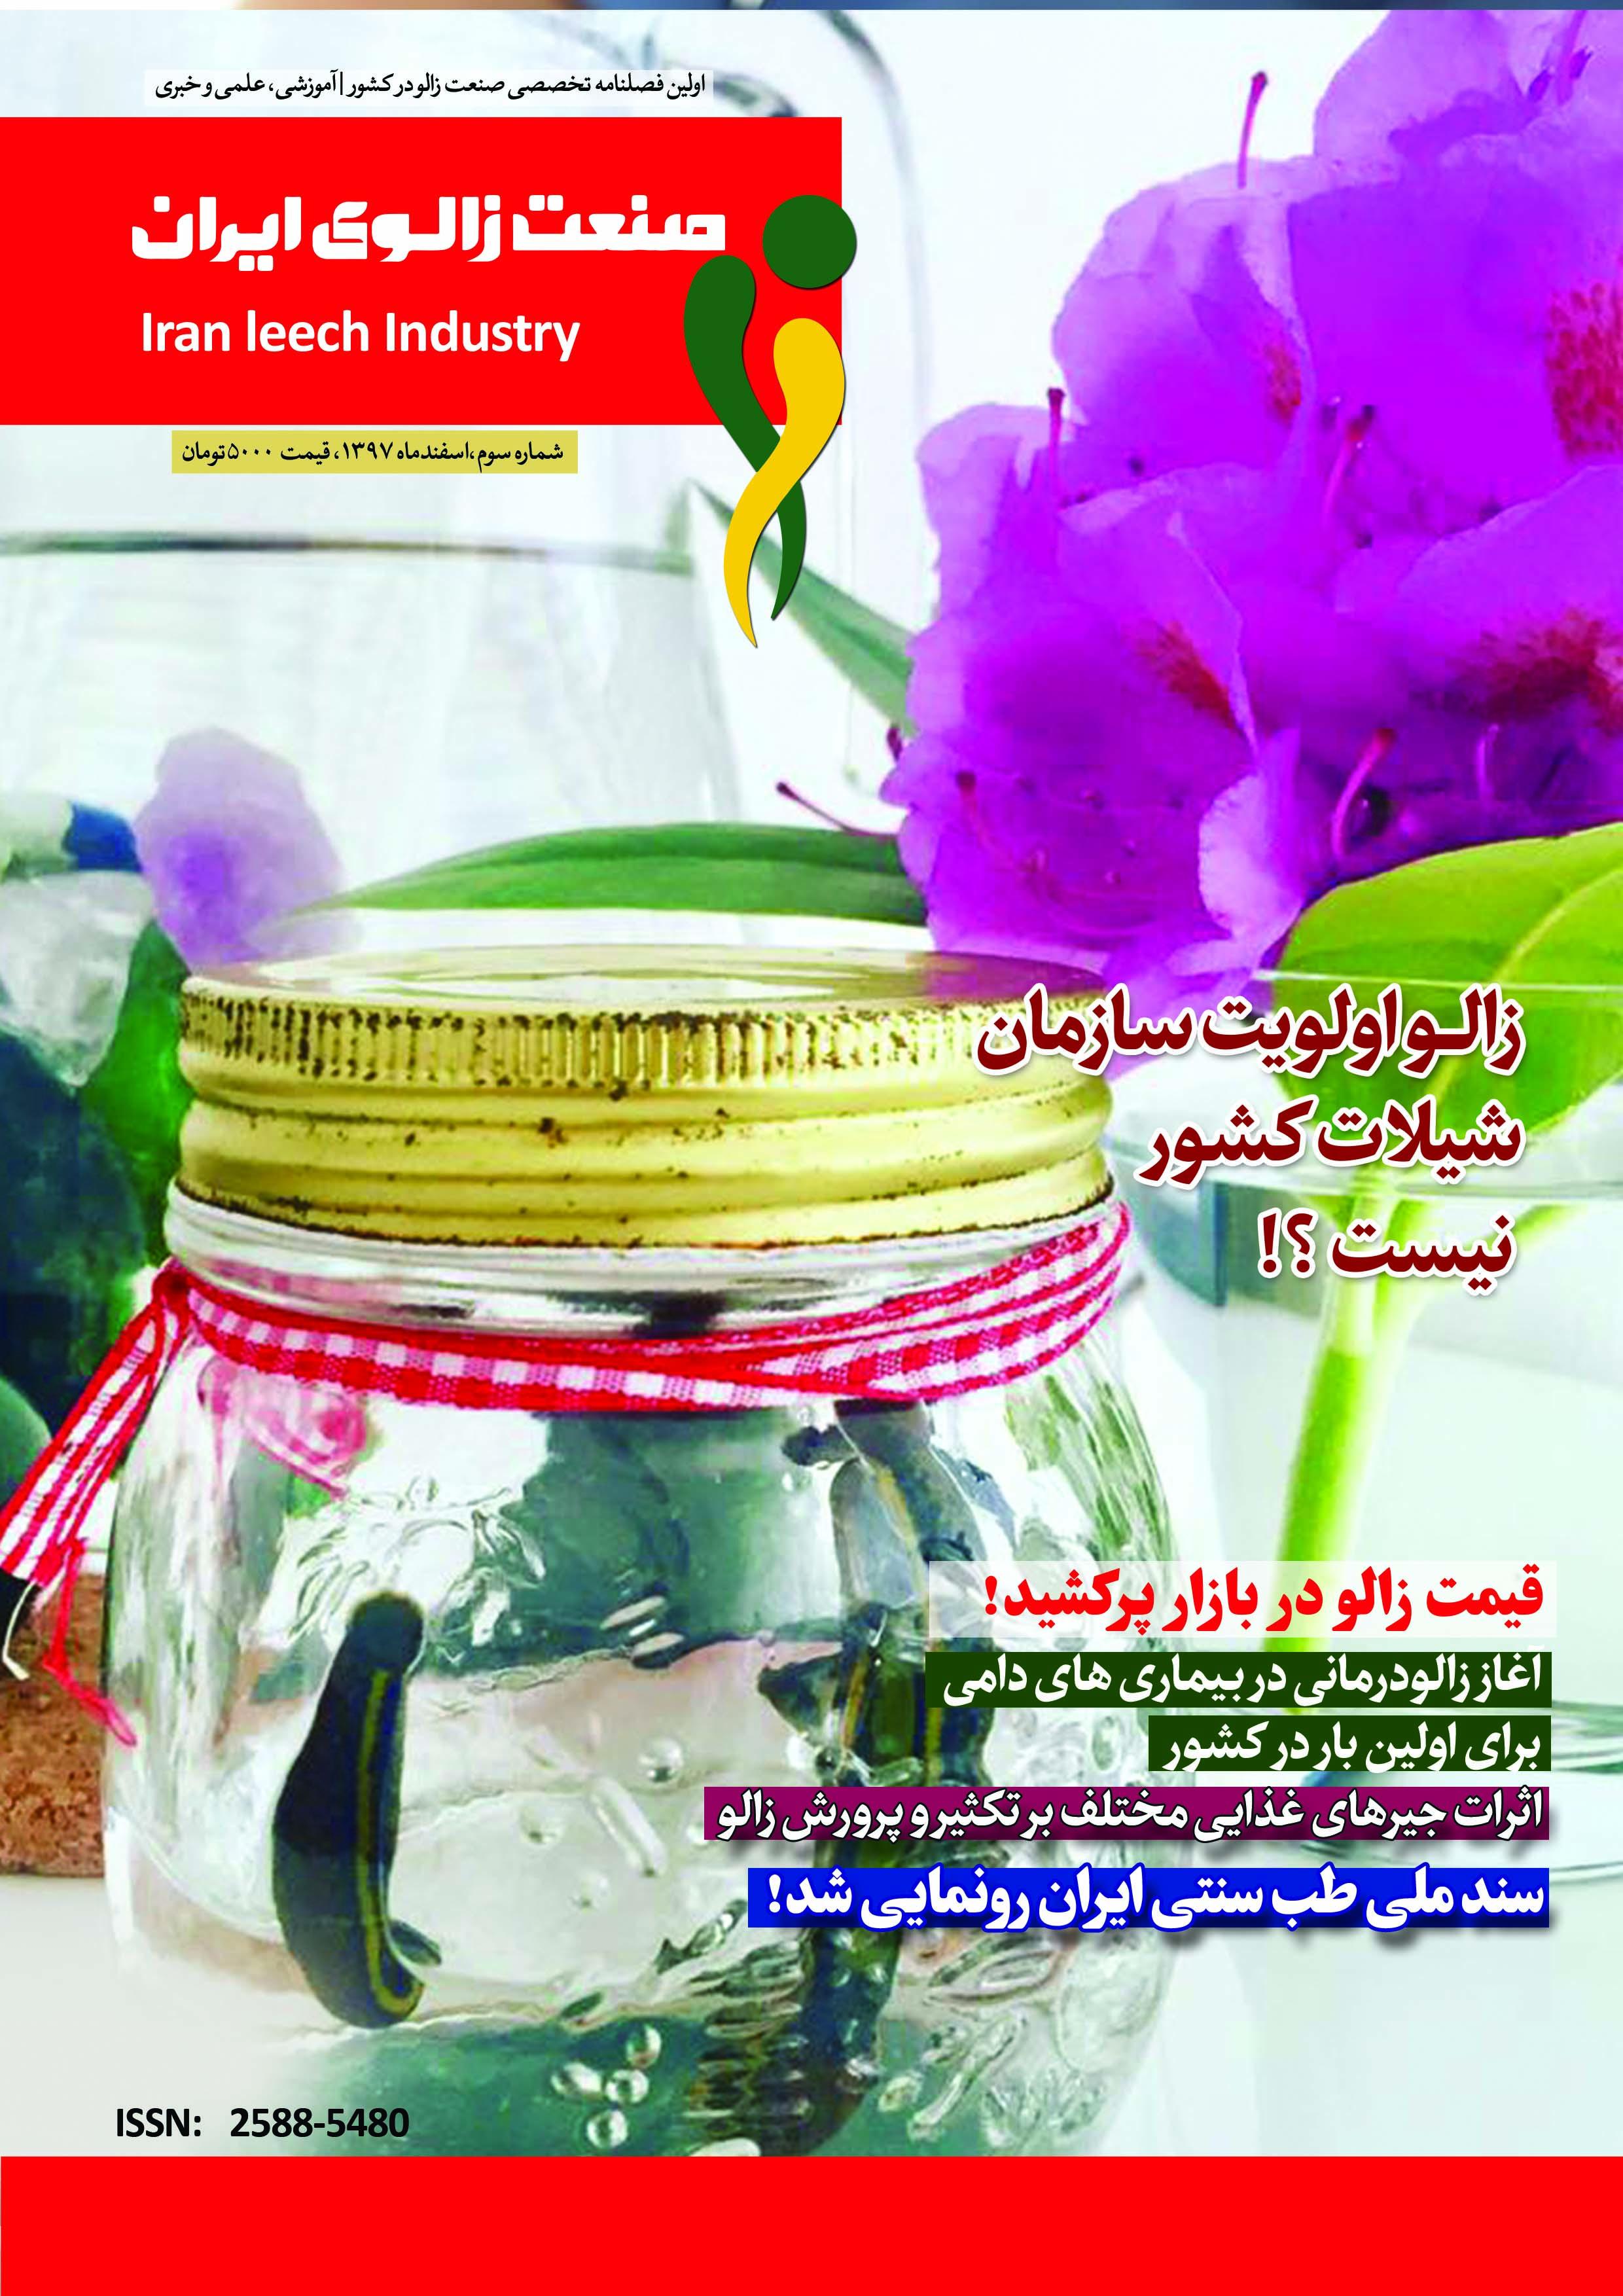 دانلود رایگان شماره سوم نشریه صنعت زالوی ایران